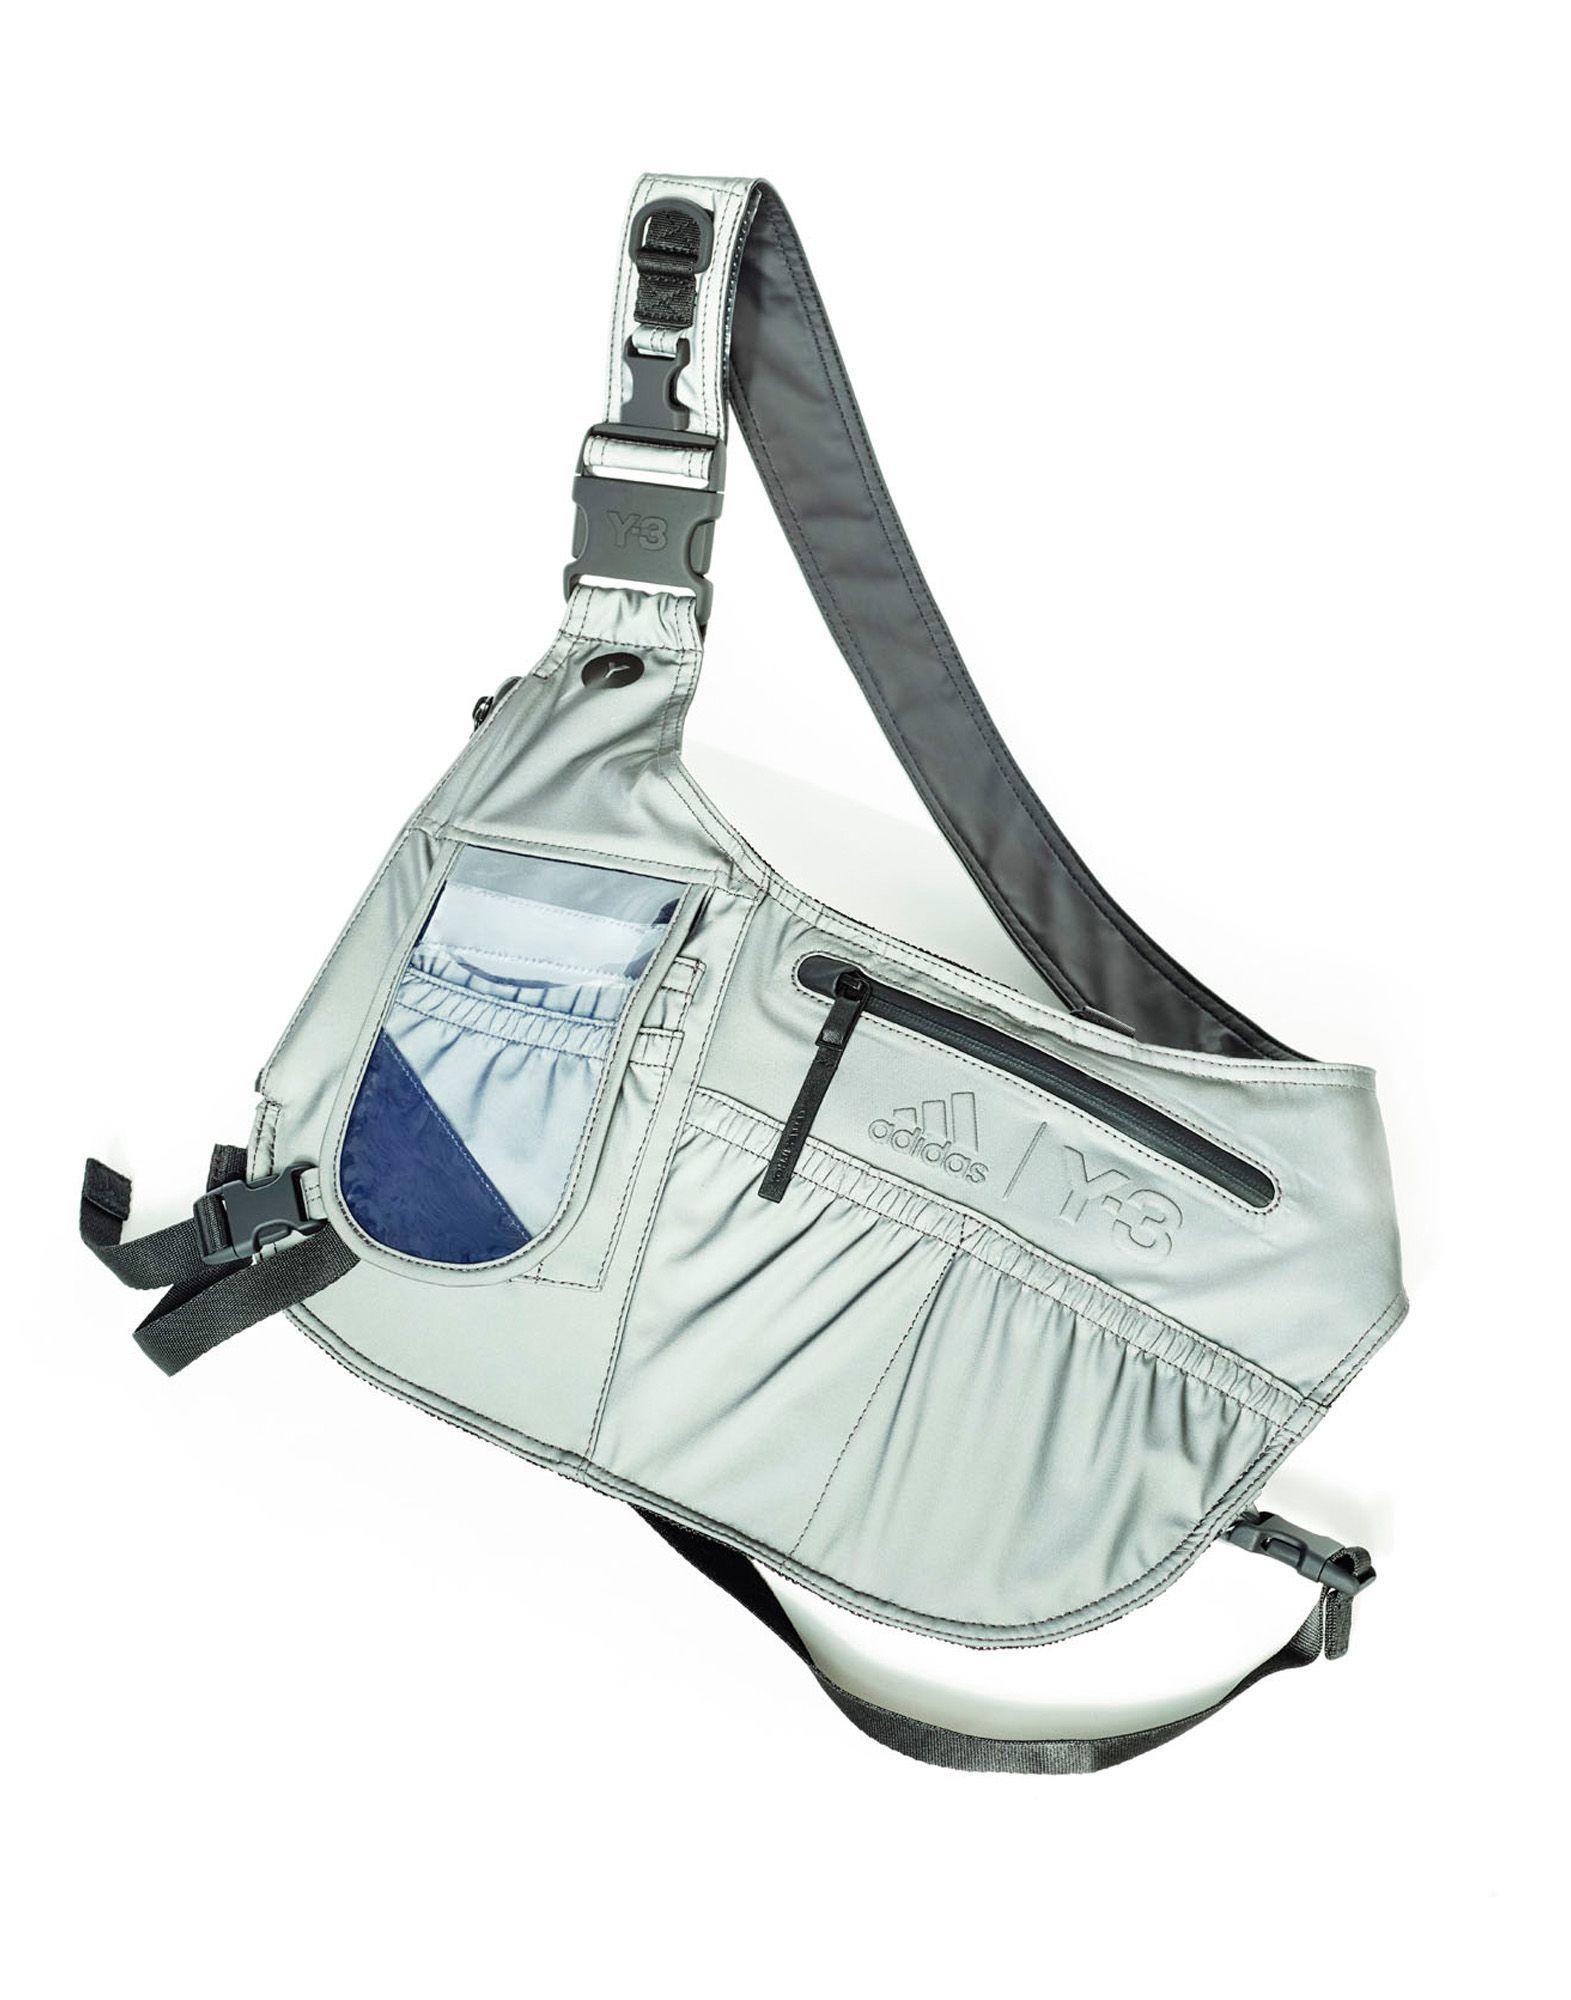 523bfca5b123 Y-3 SPORT CROSSBODY BAG BAGS unisex Y-3 adidas